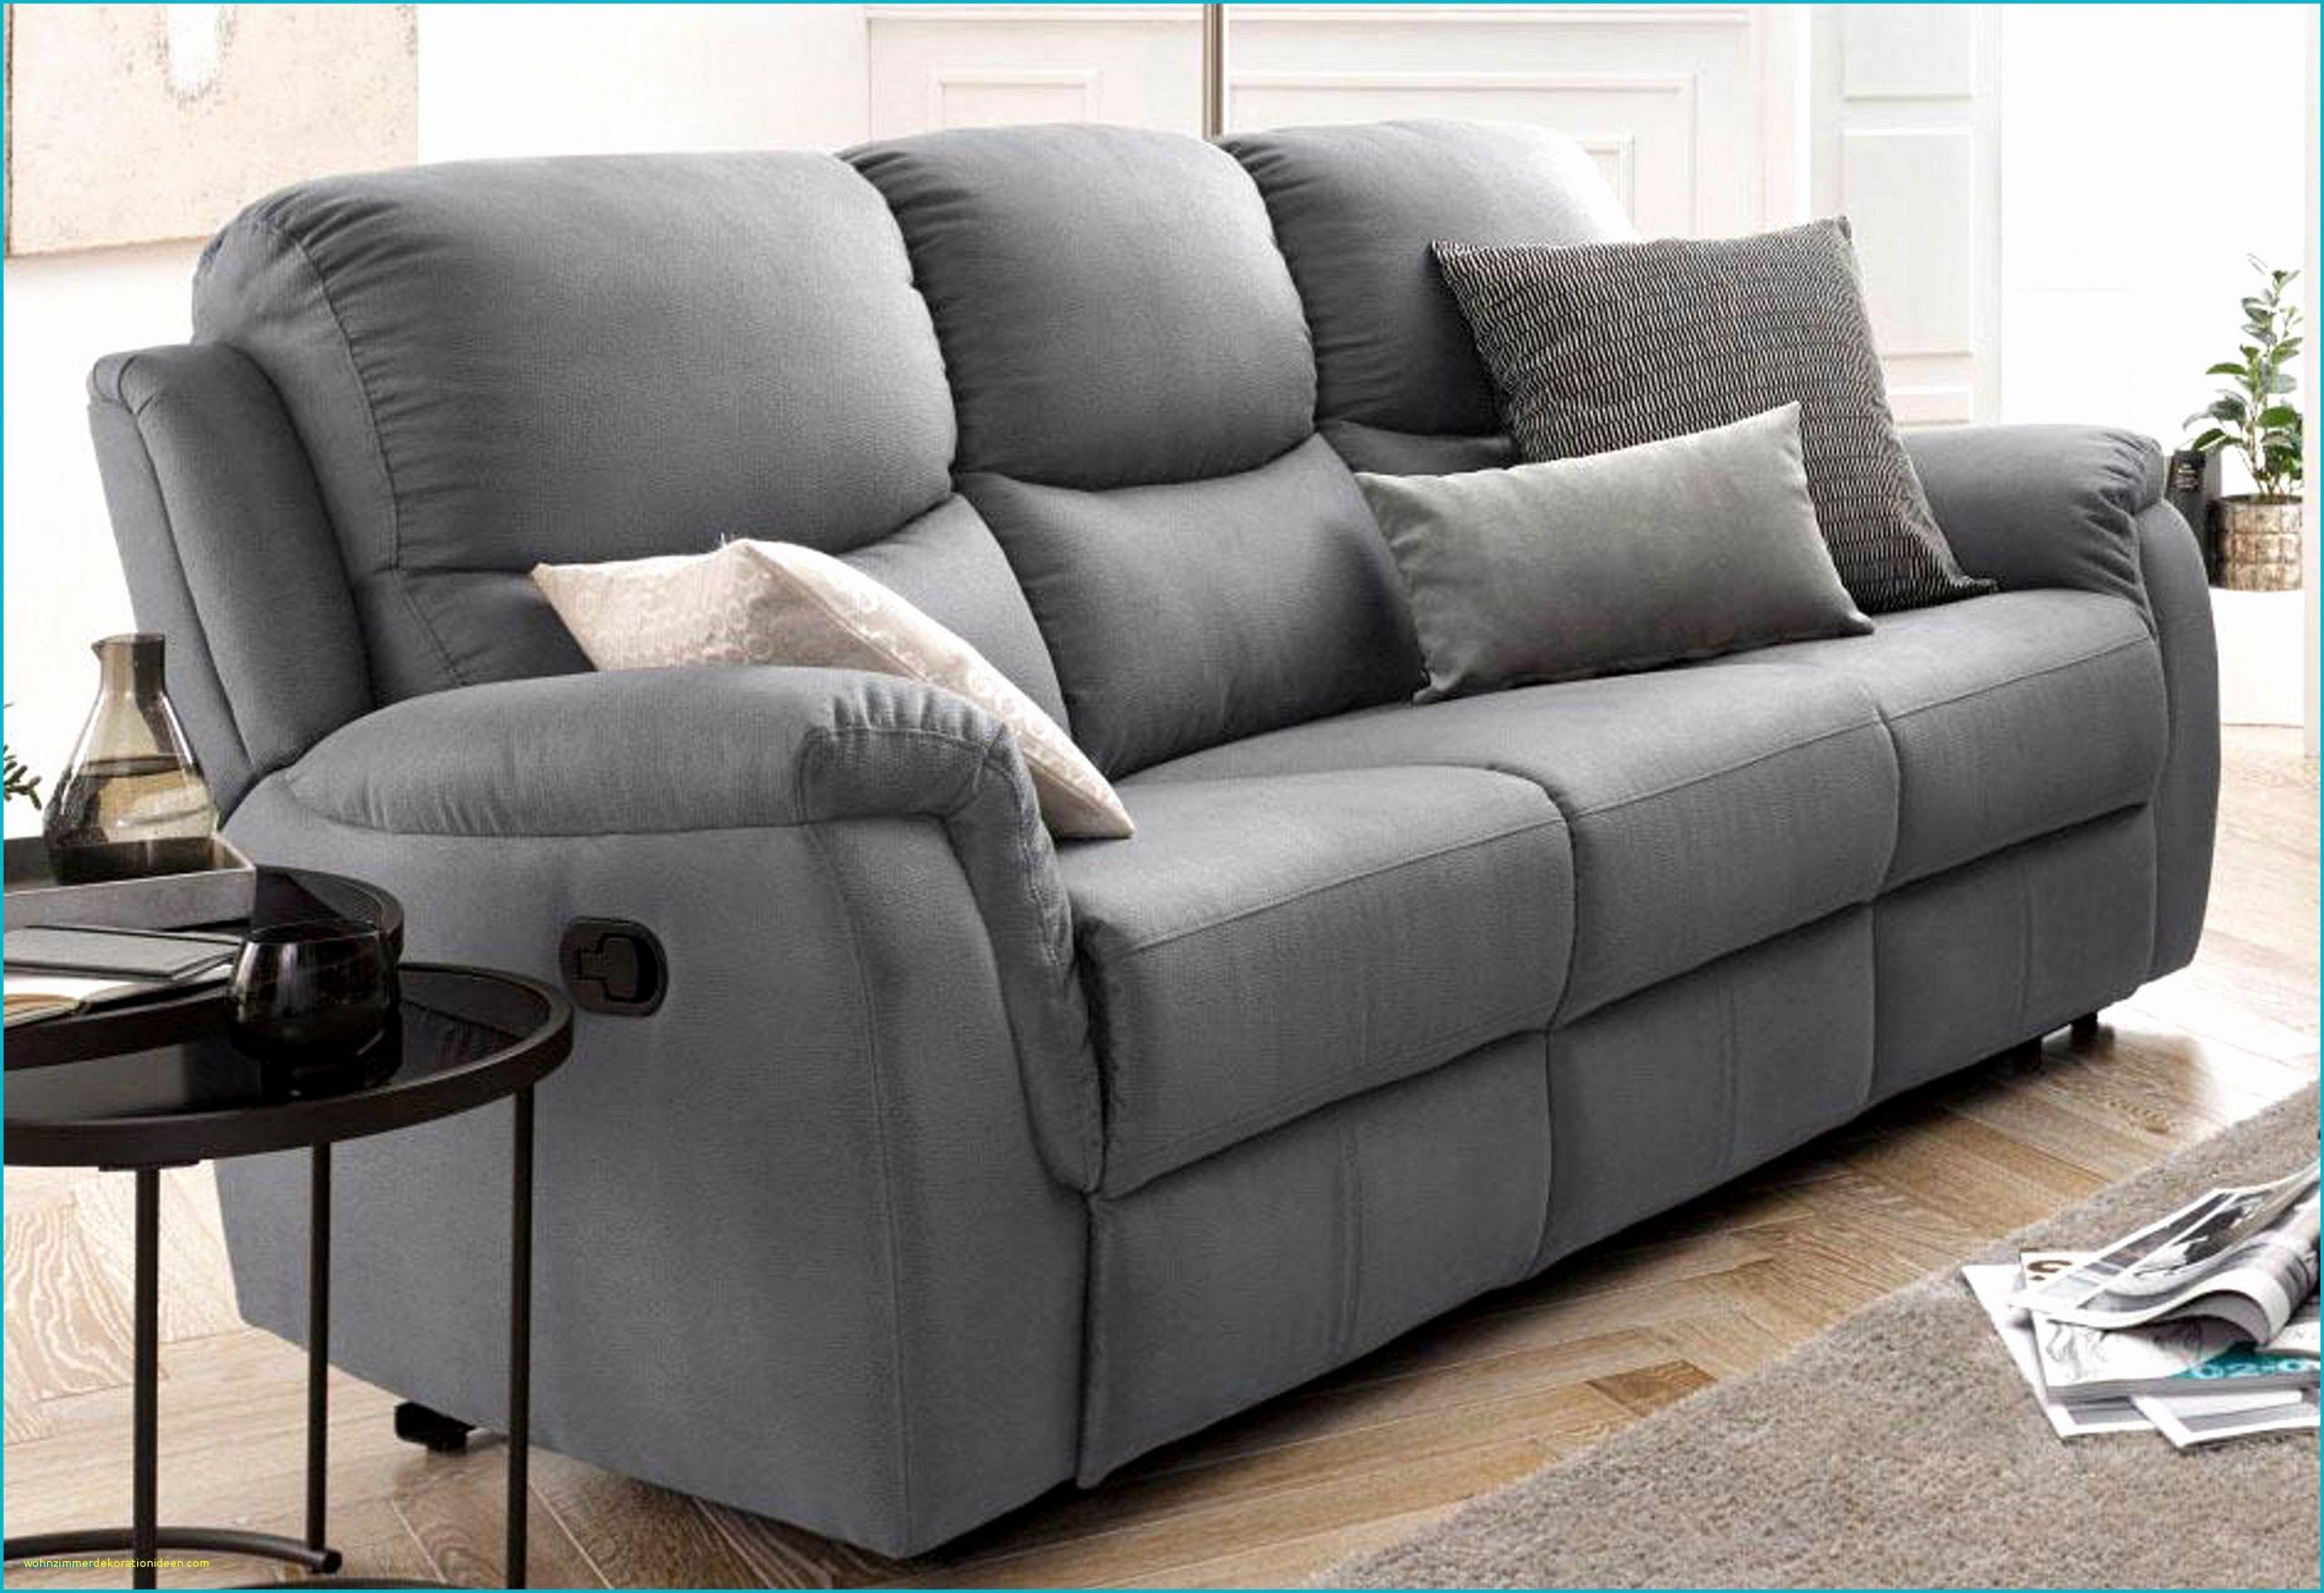 eckcouch mit relaxfunktion inspirierend angebot couchgarnitur frisch sessel sofa schon tantra sofa 0d of eckcouch mit relaxfunktion